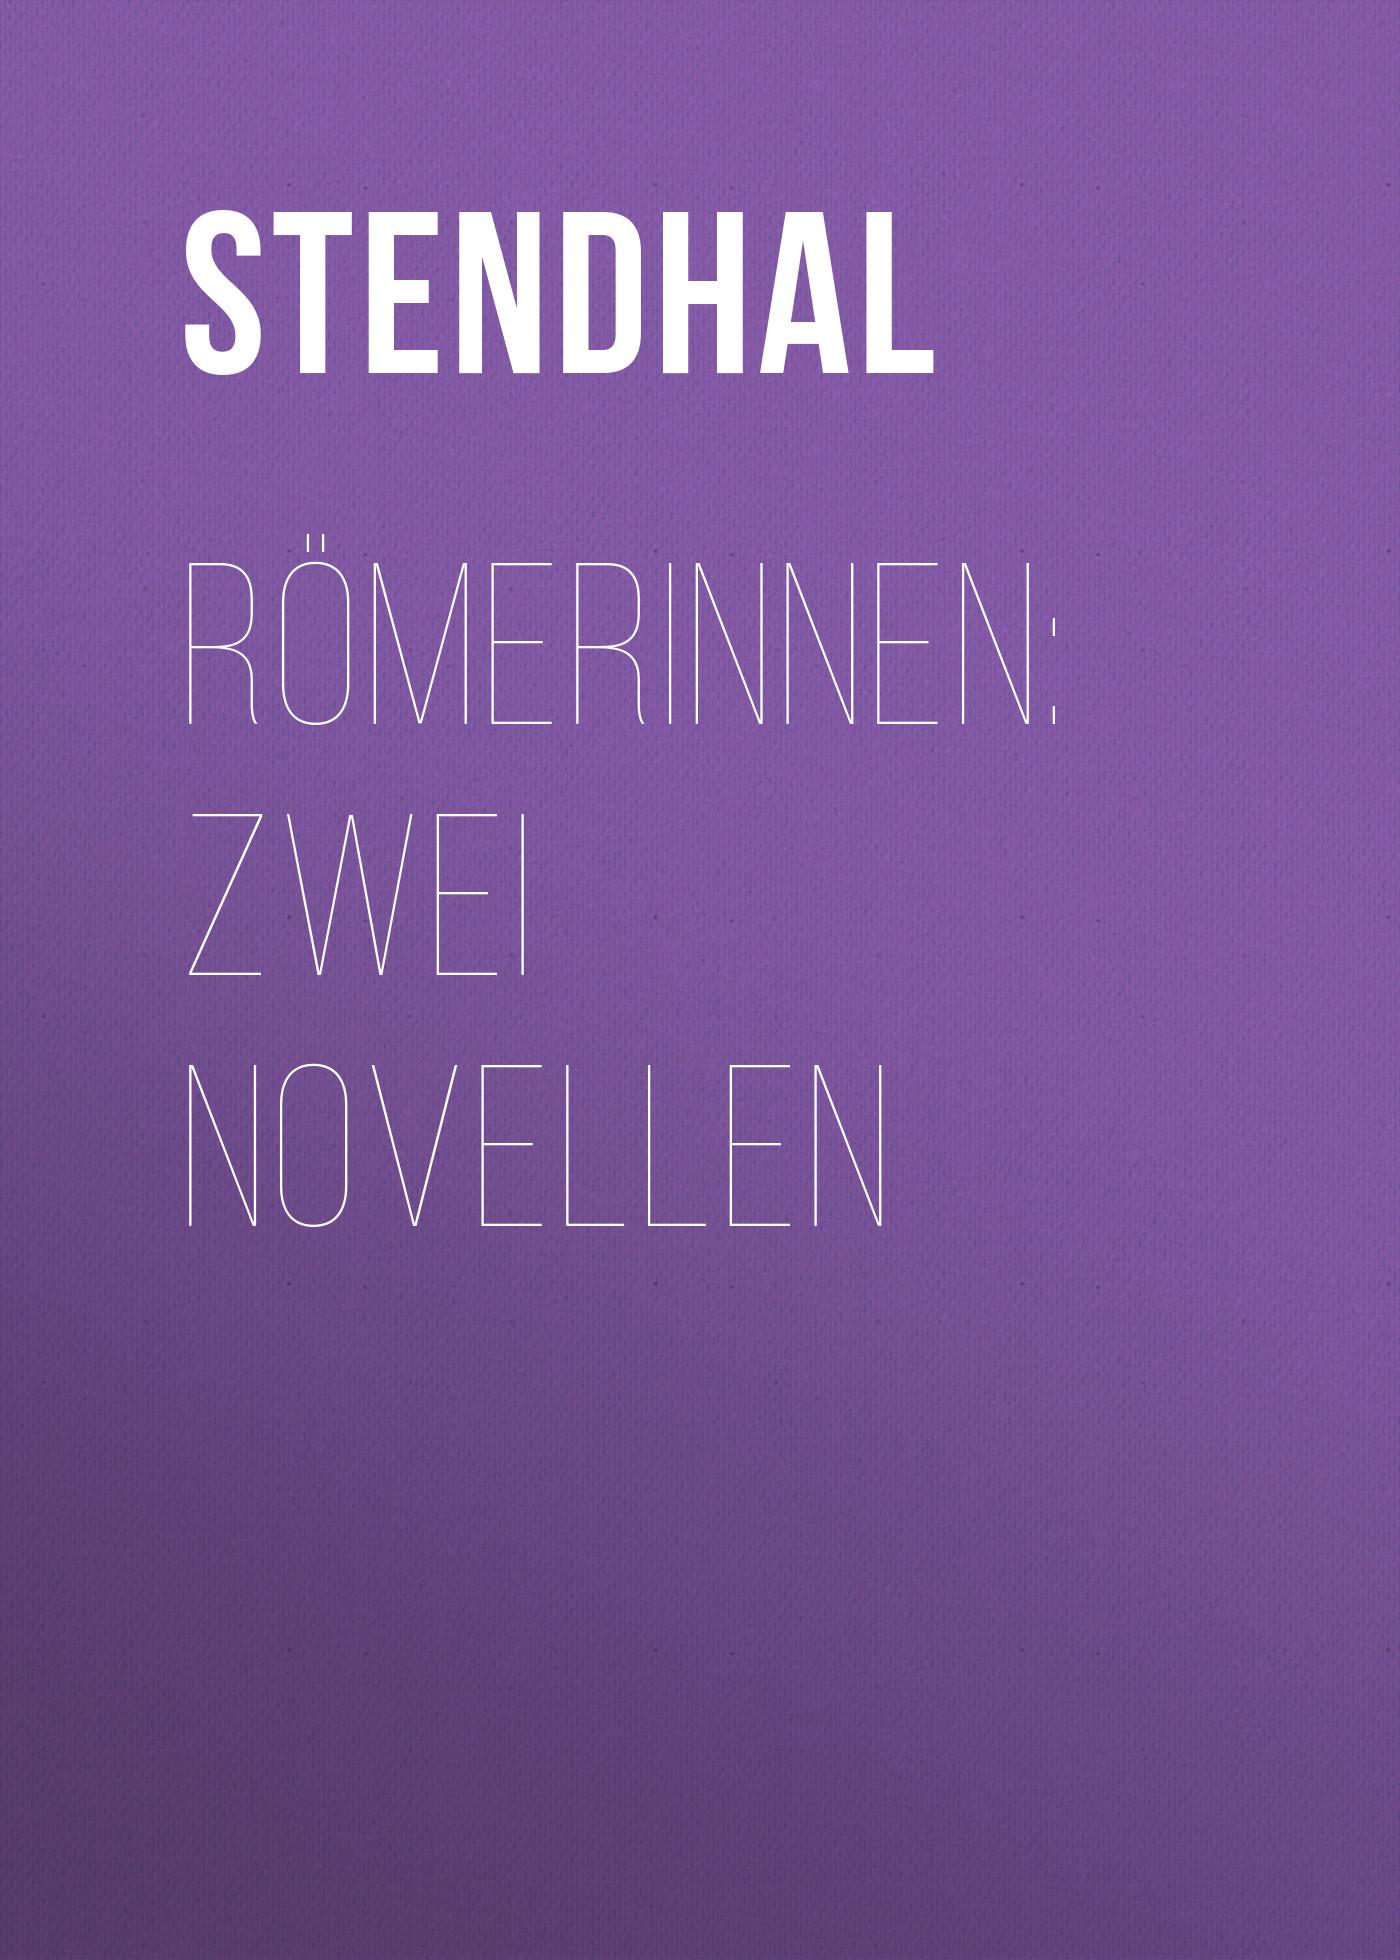 Stendhal Römerinnen: Zwei Novellen stendhal römerinnen zwei novellen